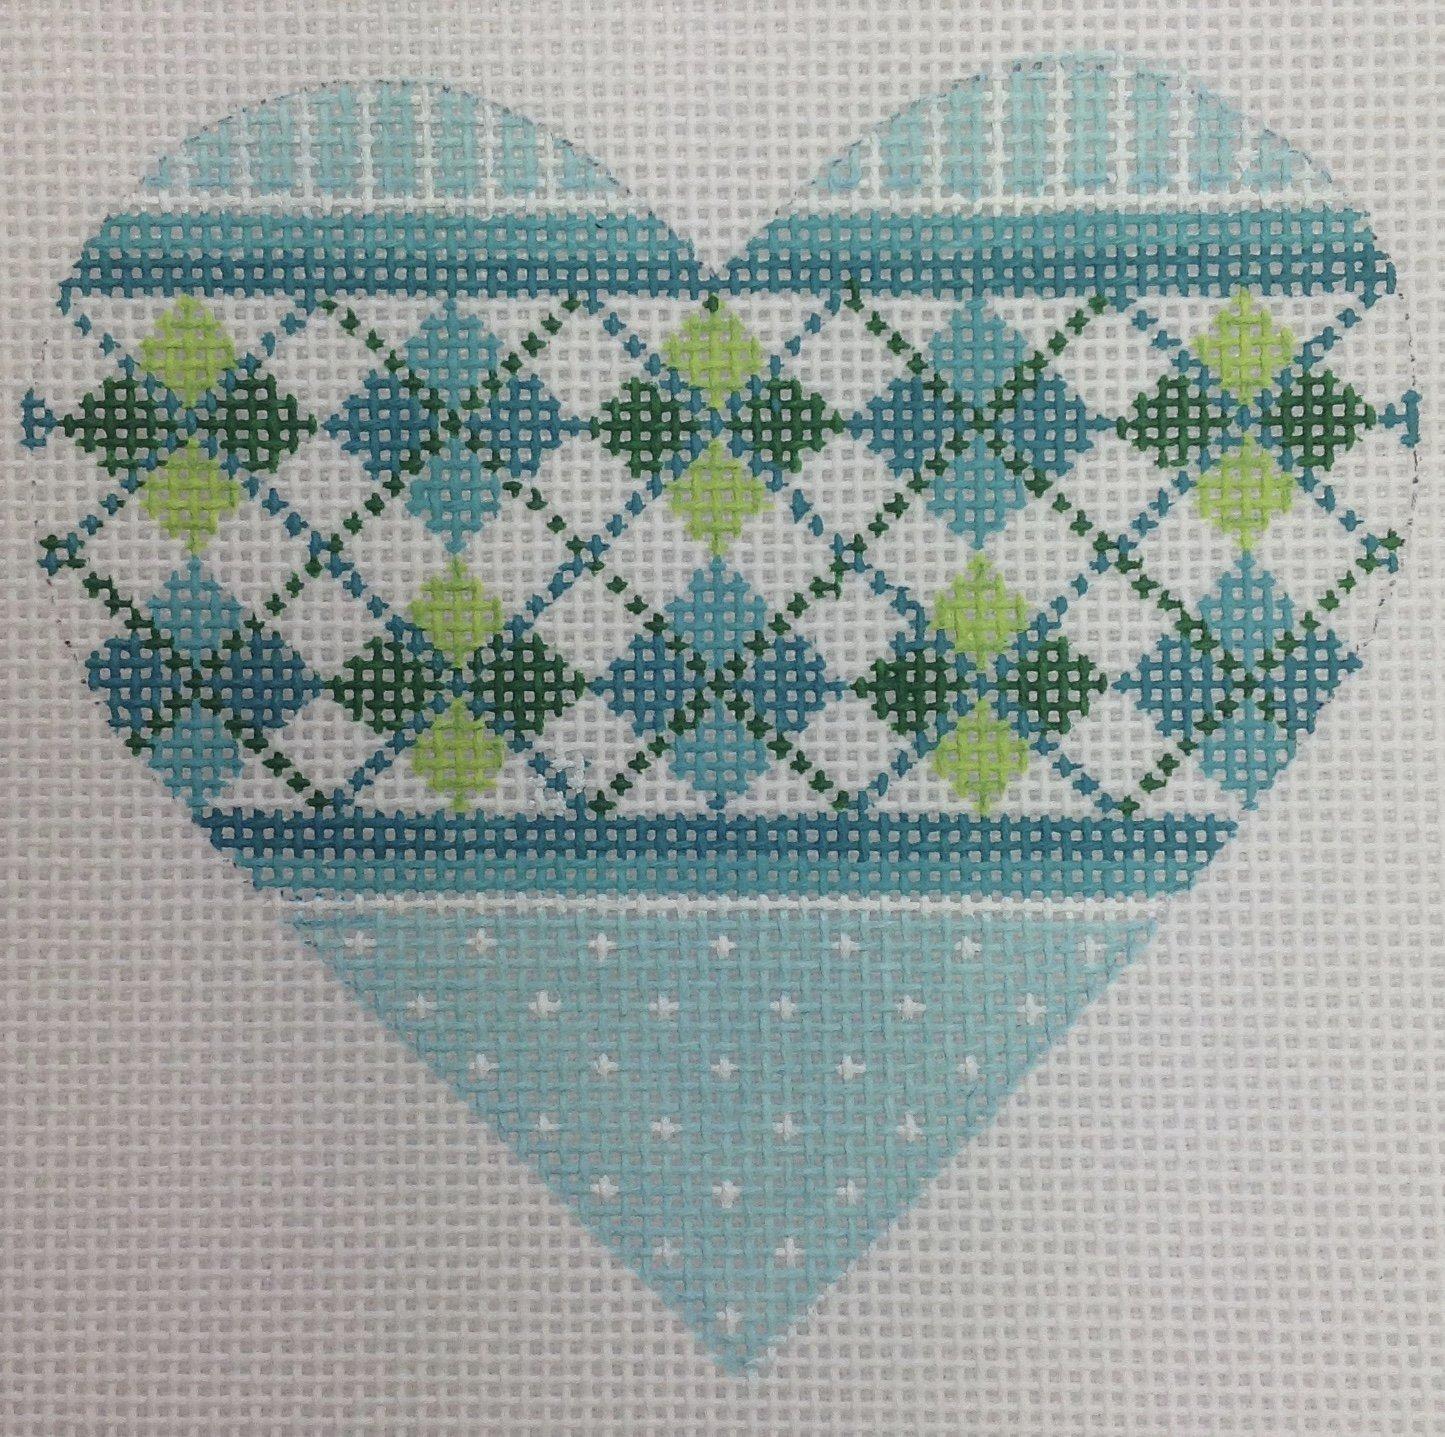 green plaid heart